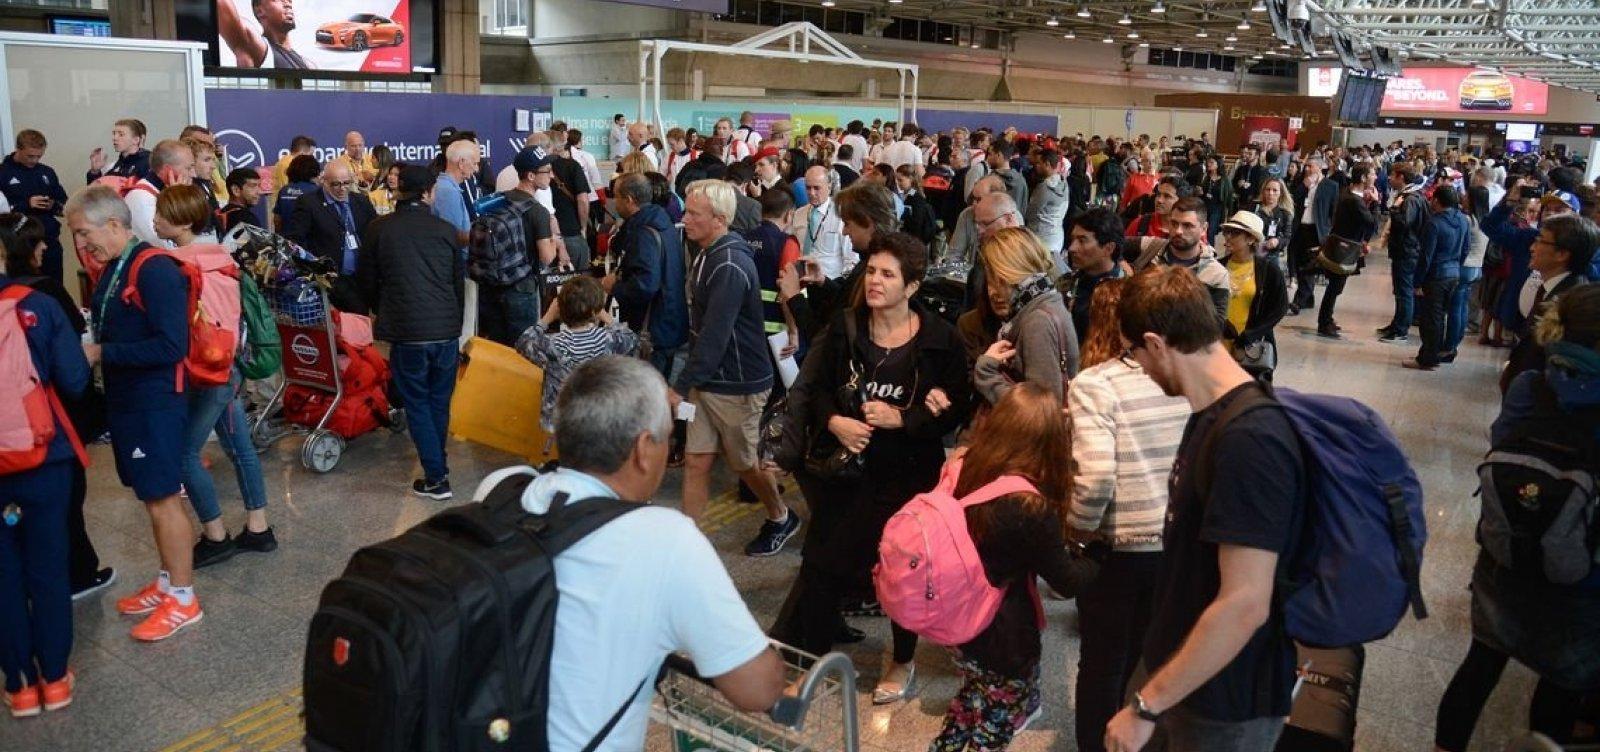 [Aeroportos da Infraero têm 13% dos voos atrasados neste feriado]